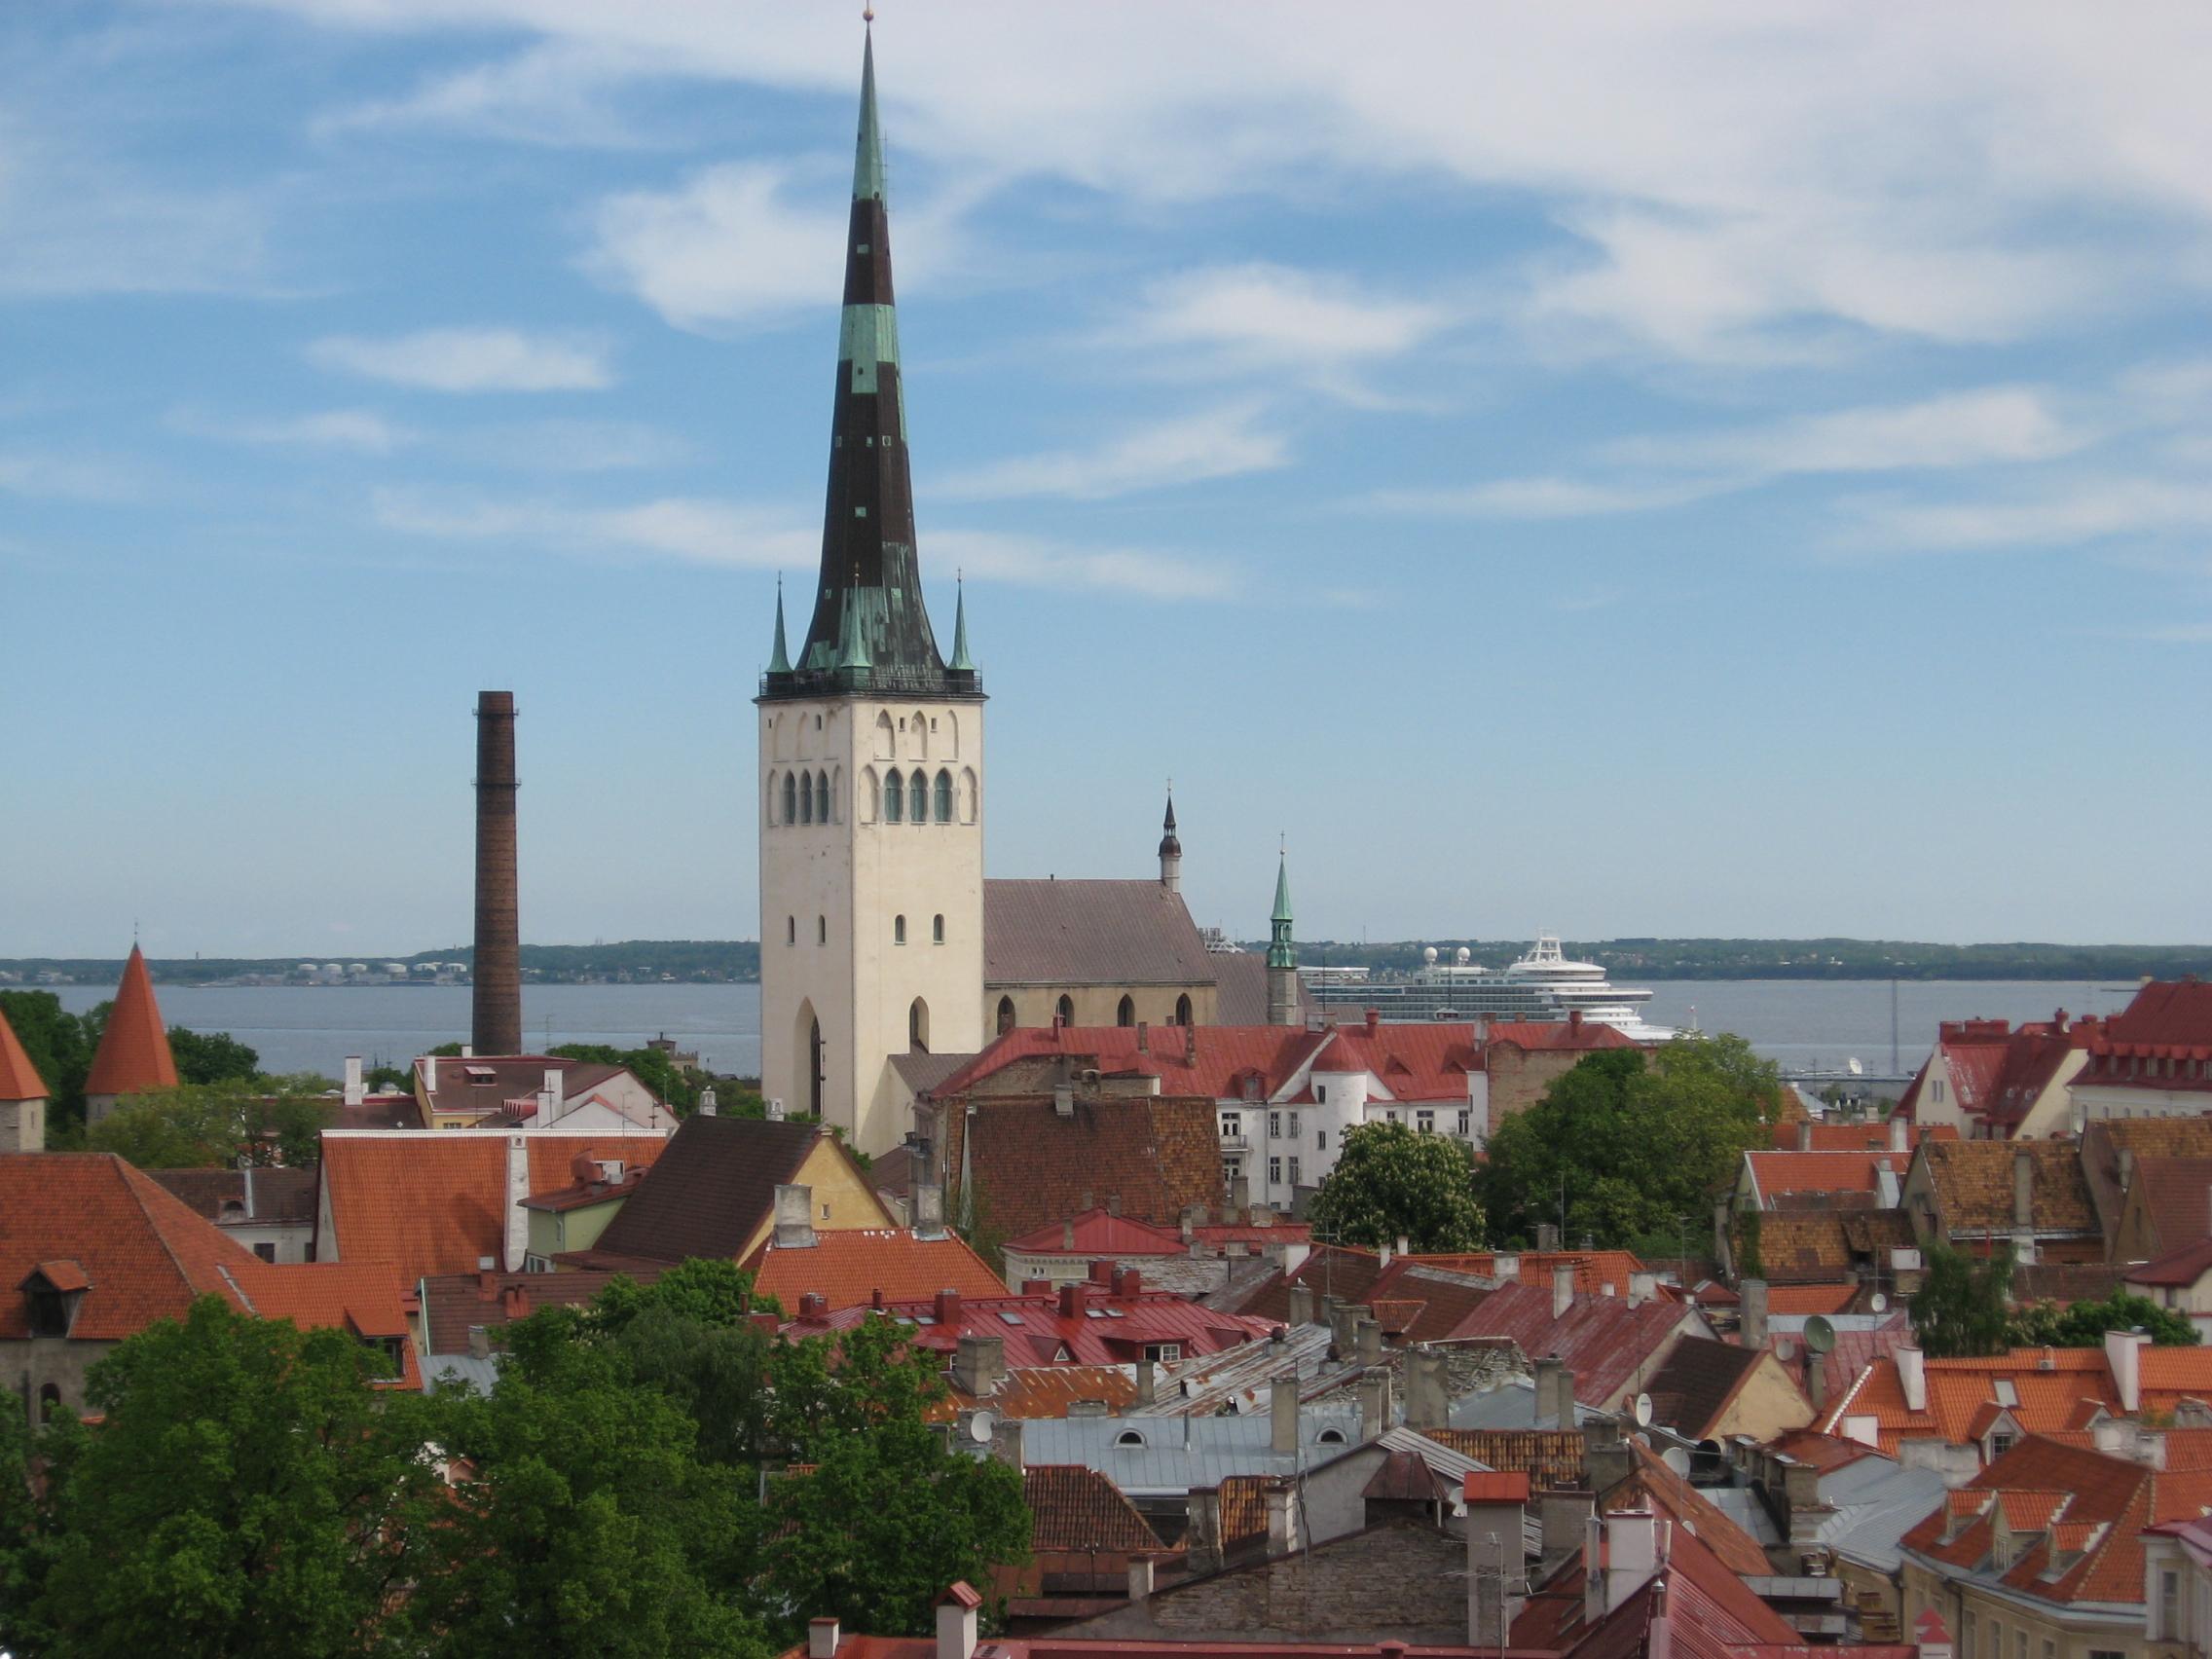 Квартиры в Таллине - в эстонской столице дорожает жилье